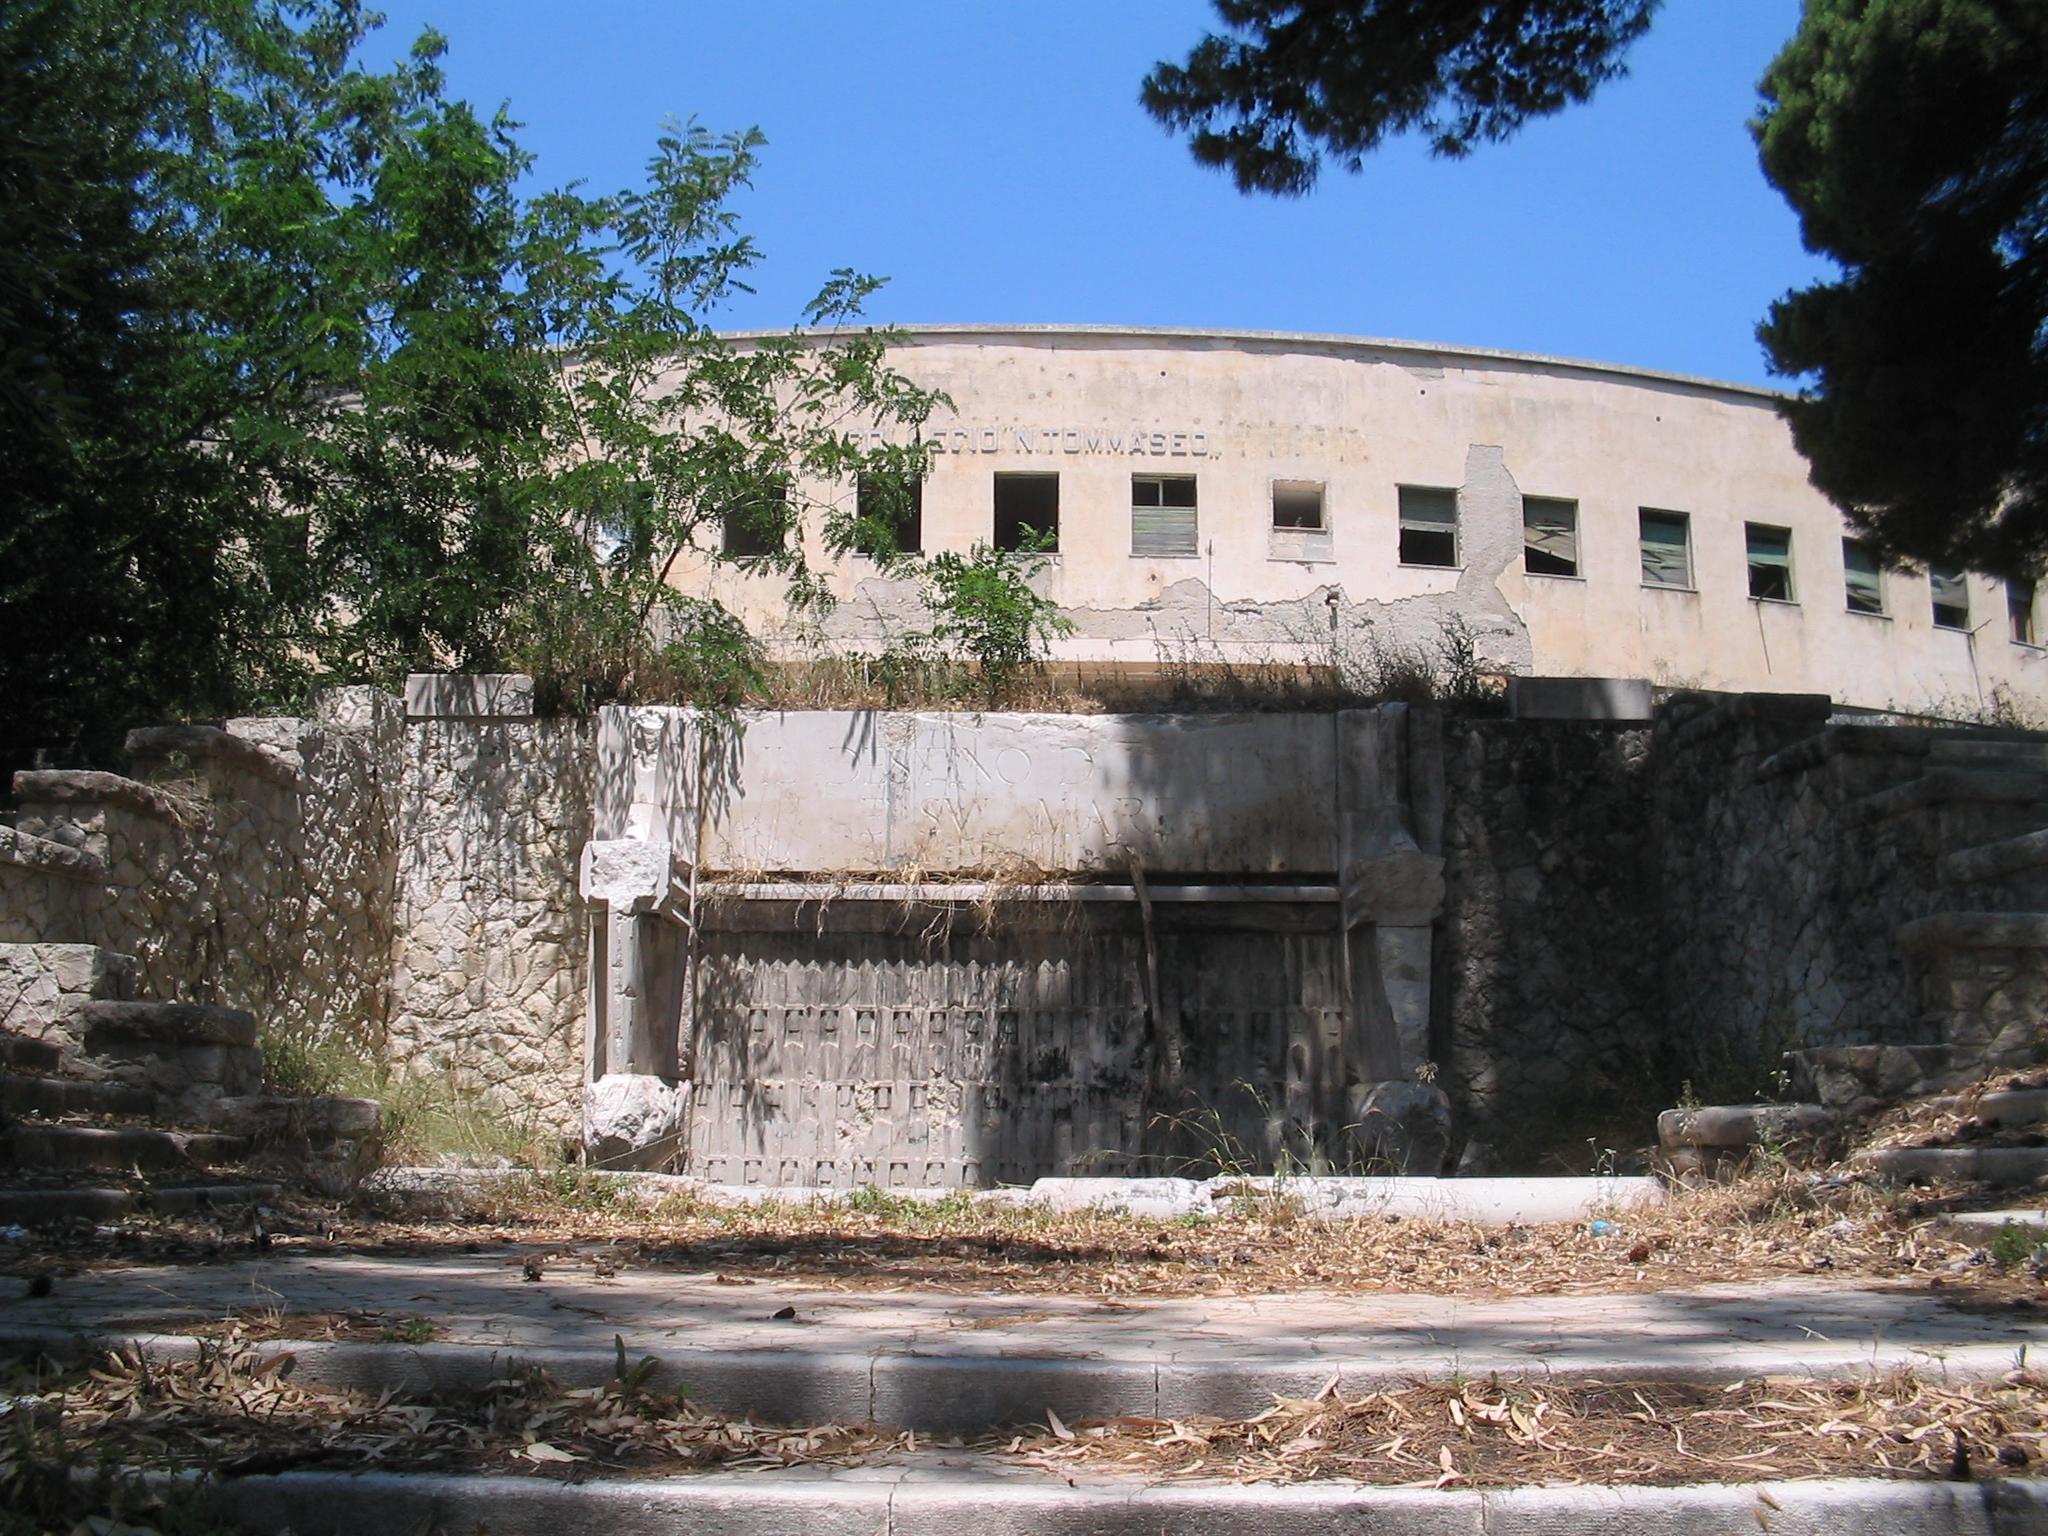 Ufficio Di Collocamento Francavilla Fontana : Politica newⓈpam informiamo brindisi e provincia pagina